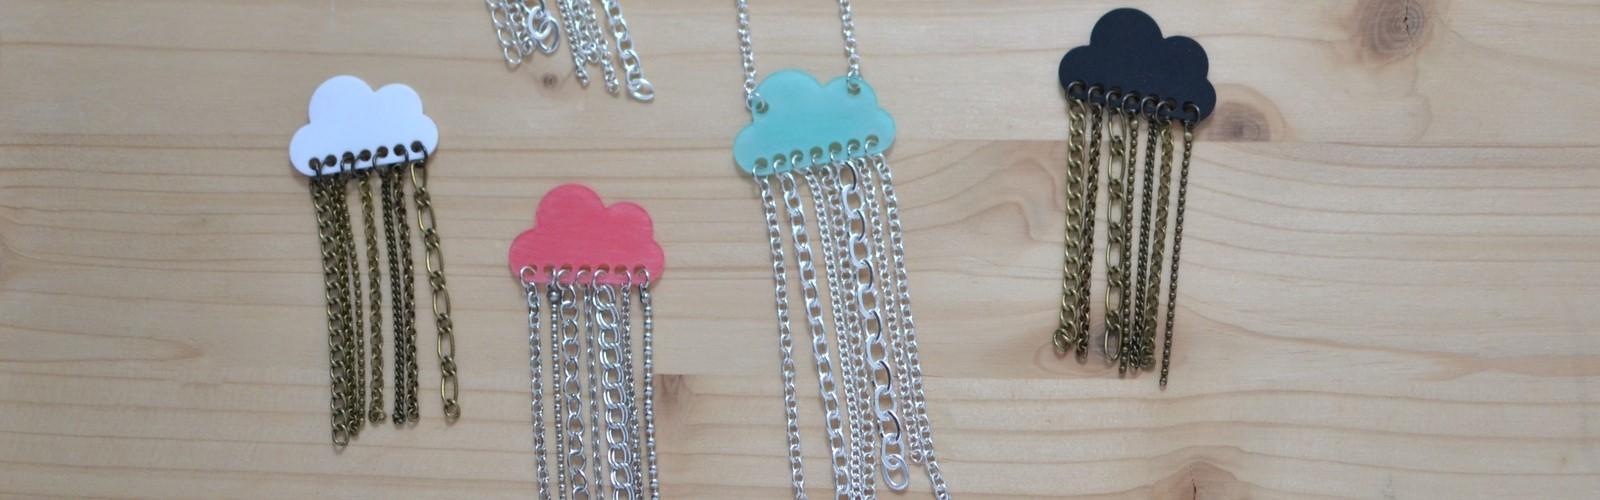 Collection de bijoux nuages colorés et pluie de chaînettes #BDJ144